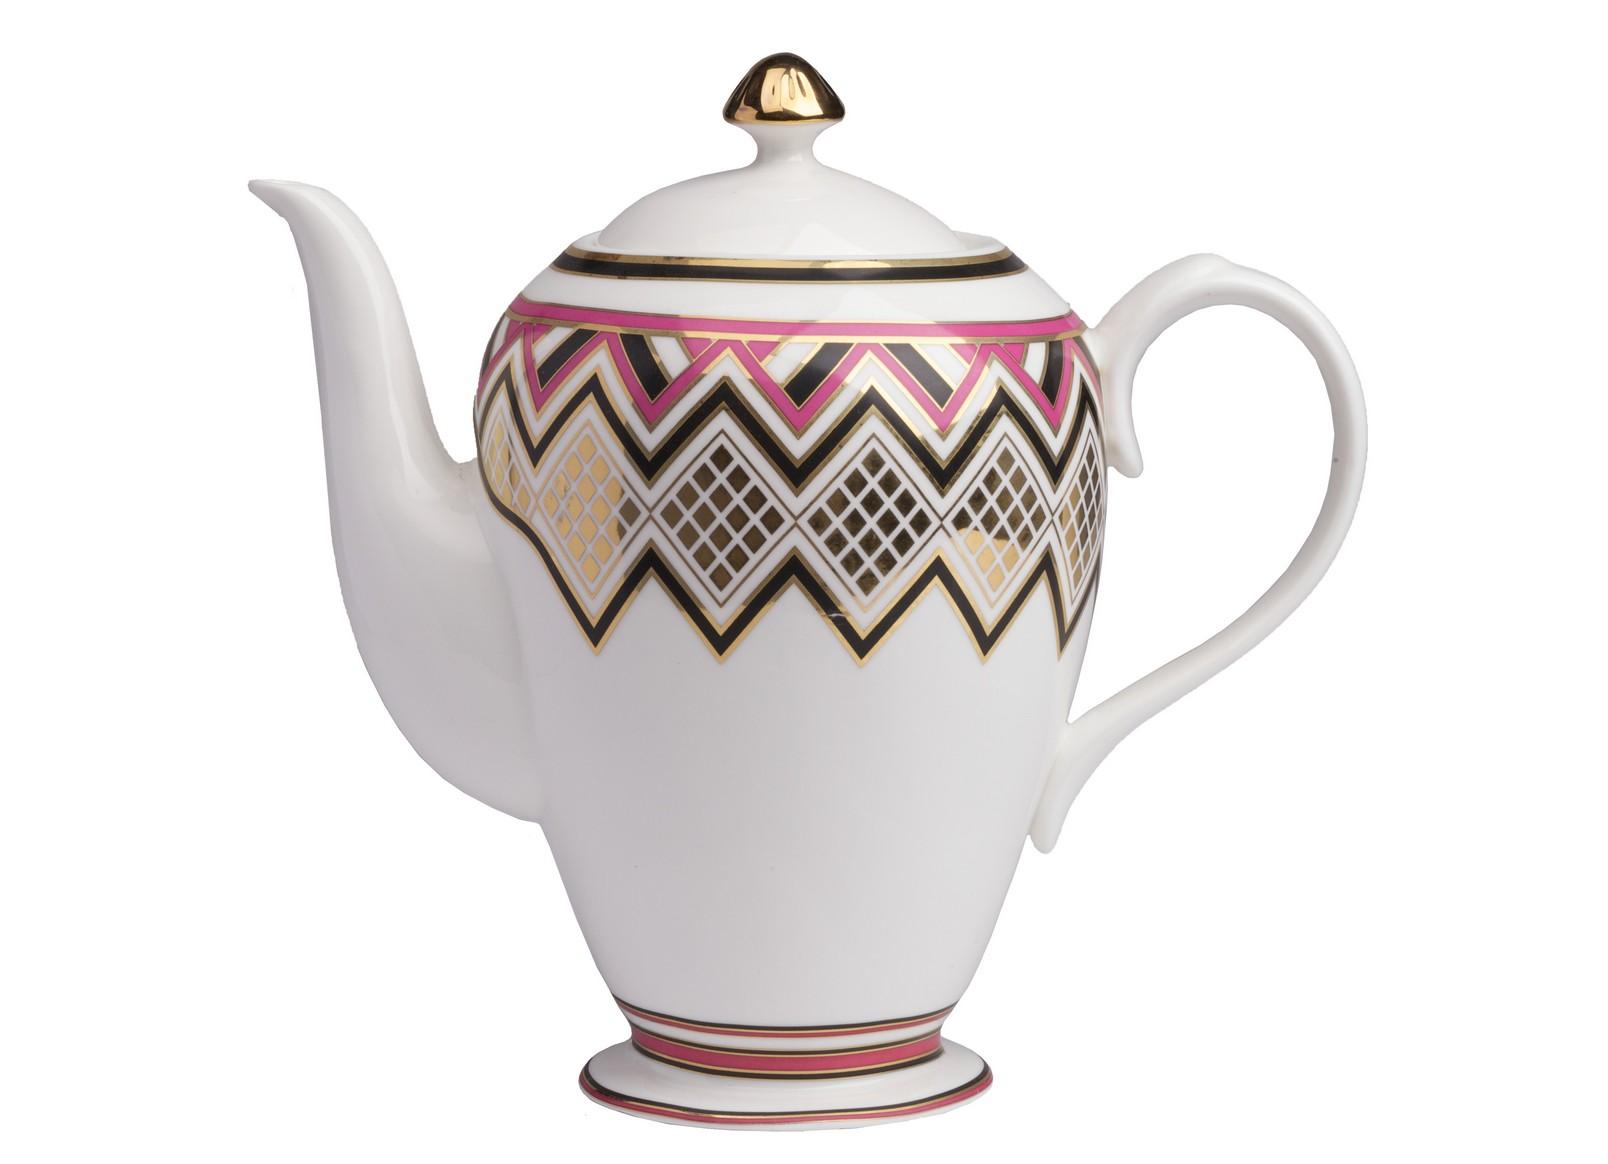 Заварной чайник ExoticЧайники<br>Заварной чайник Exotic  выполнен из керамики.  Декором служит яркое  изображение геометрического орнамента.<br><br>Material: Керамика<br>Width см: 34<br>Depth см: 15,7<br>Height см: 28